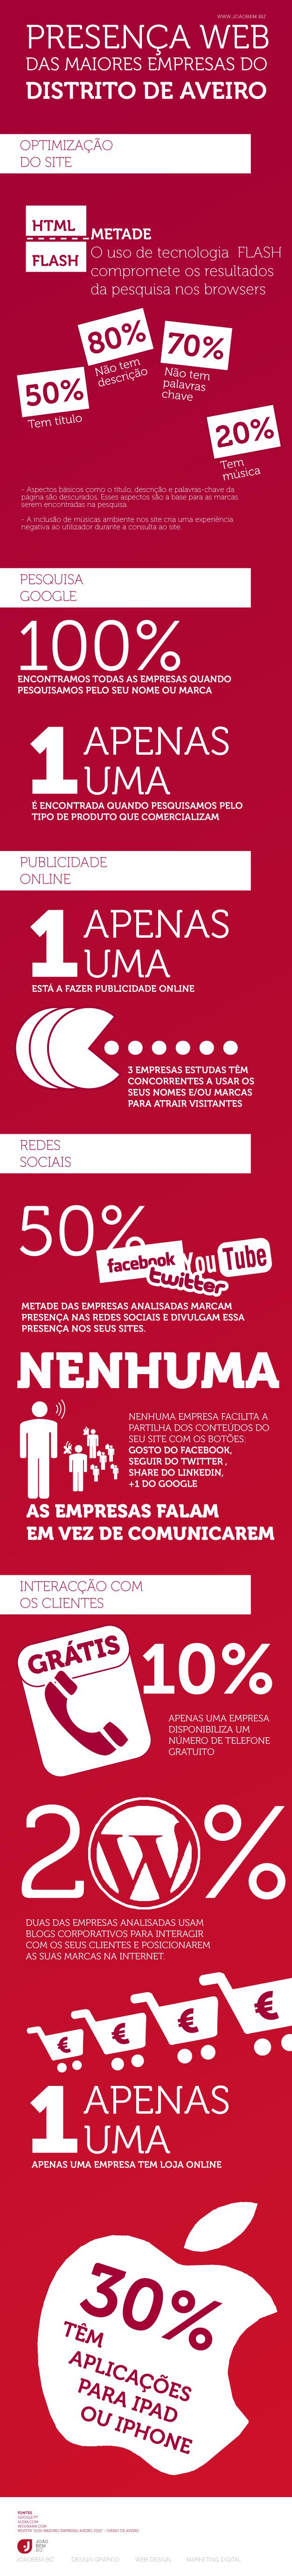 infografia do estudo da presença Web das maiores empresas do distrito de Aveiro